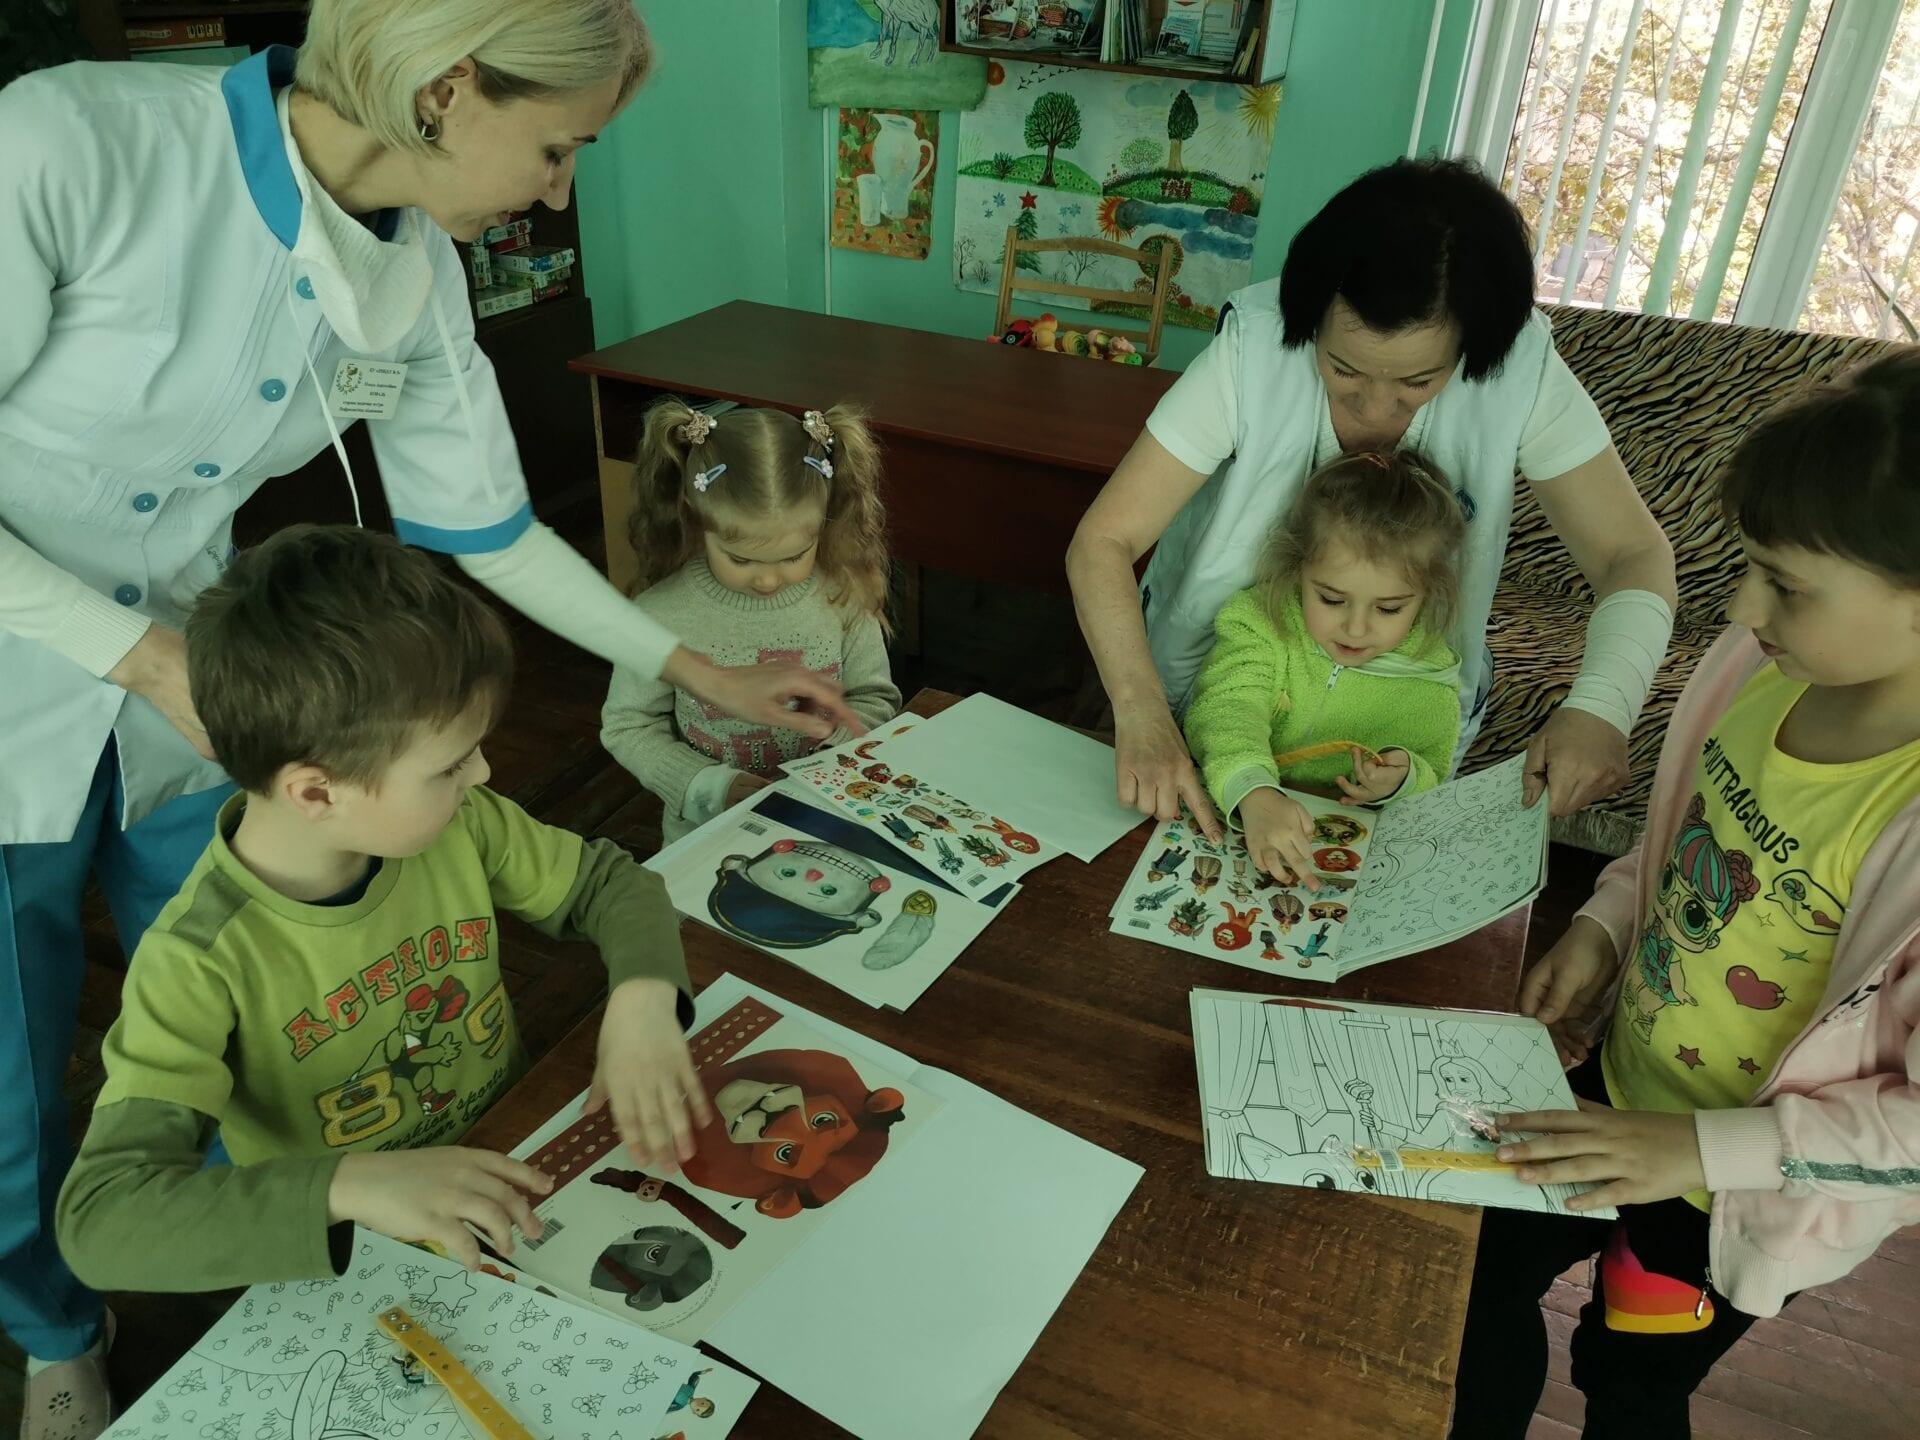 Приємні подарунки маленьким пацієнтам лікарні детская больница запорожье КНП «Міська дитяча лікарня №5» ЗМР – це єдина у місті Запоріжжі багатопрофільна дитяча лікарня, де сконцентровано всі види надання спеціалізованої медичної допомоги дитячому населенню: стаціонарної, консультативної амбулаторно-поліклінічної та виїзної для інтенсивної терапії новонародженим.